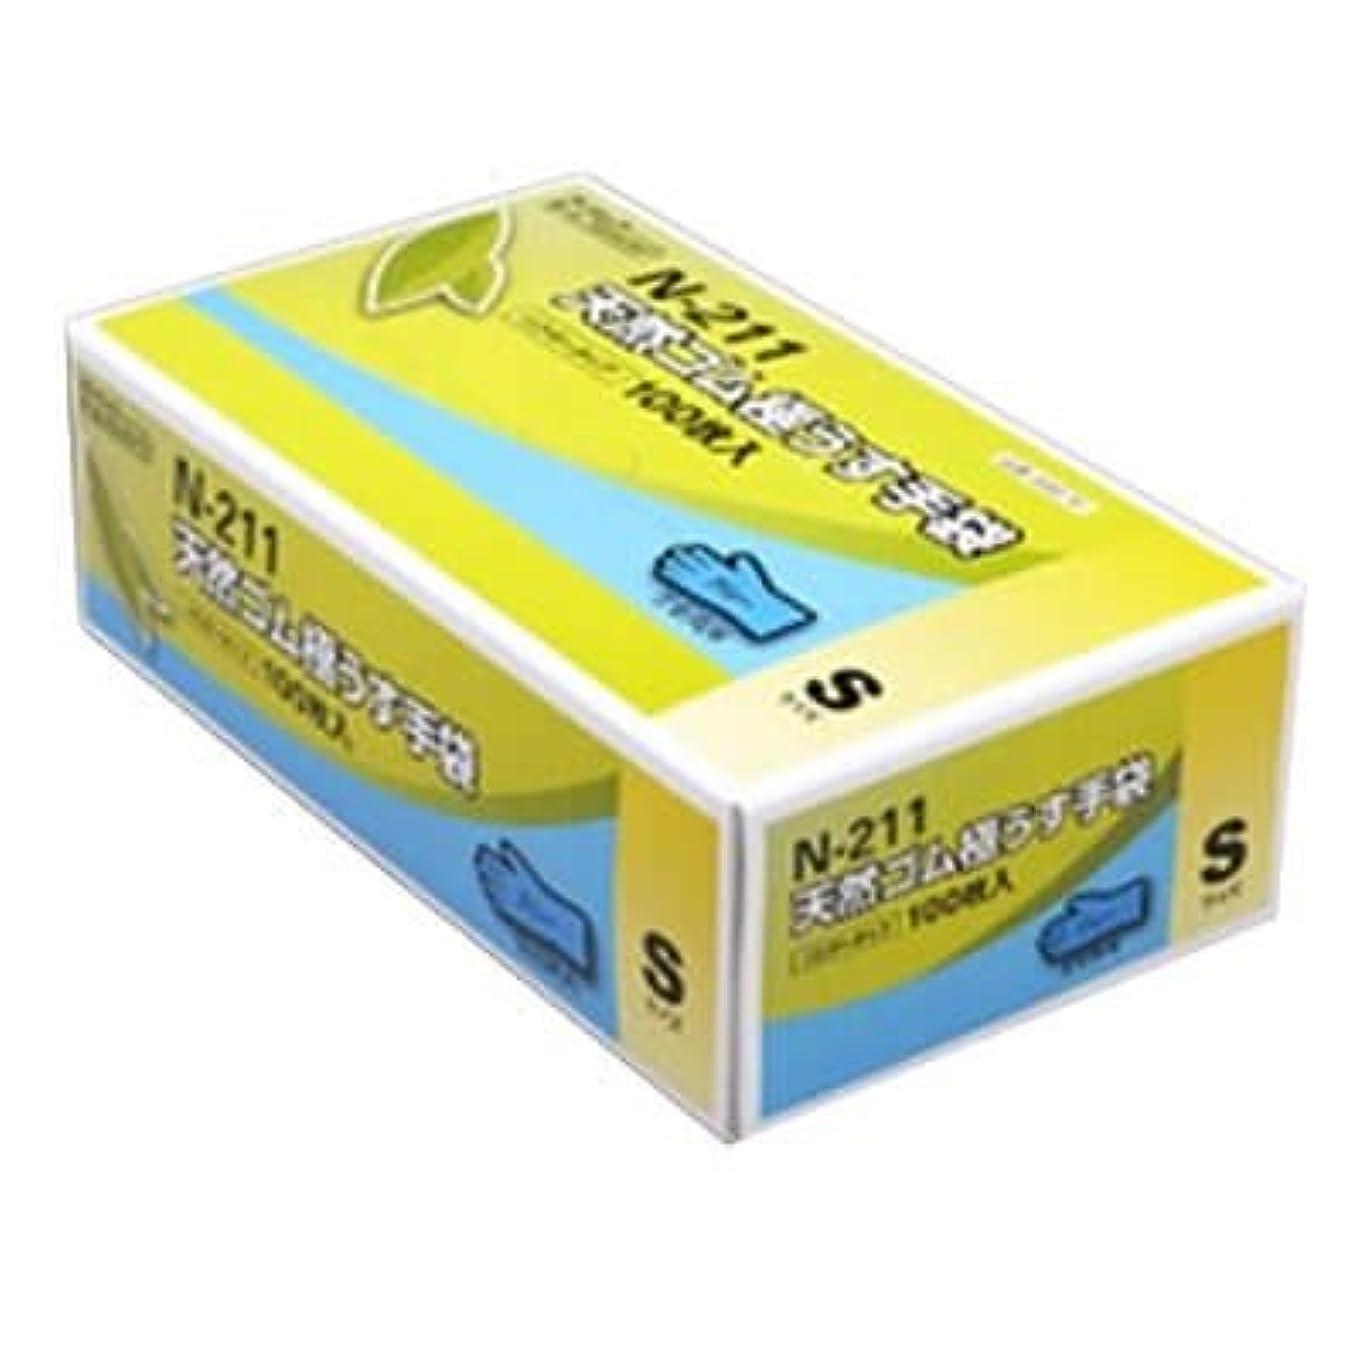 アクチュエータスケジュールパス【ケース販売】 ダンロップ 天然ゴム極うす手袋 N-211 S ブルー (100枚入×20箱)